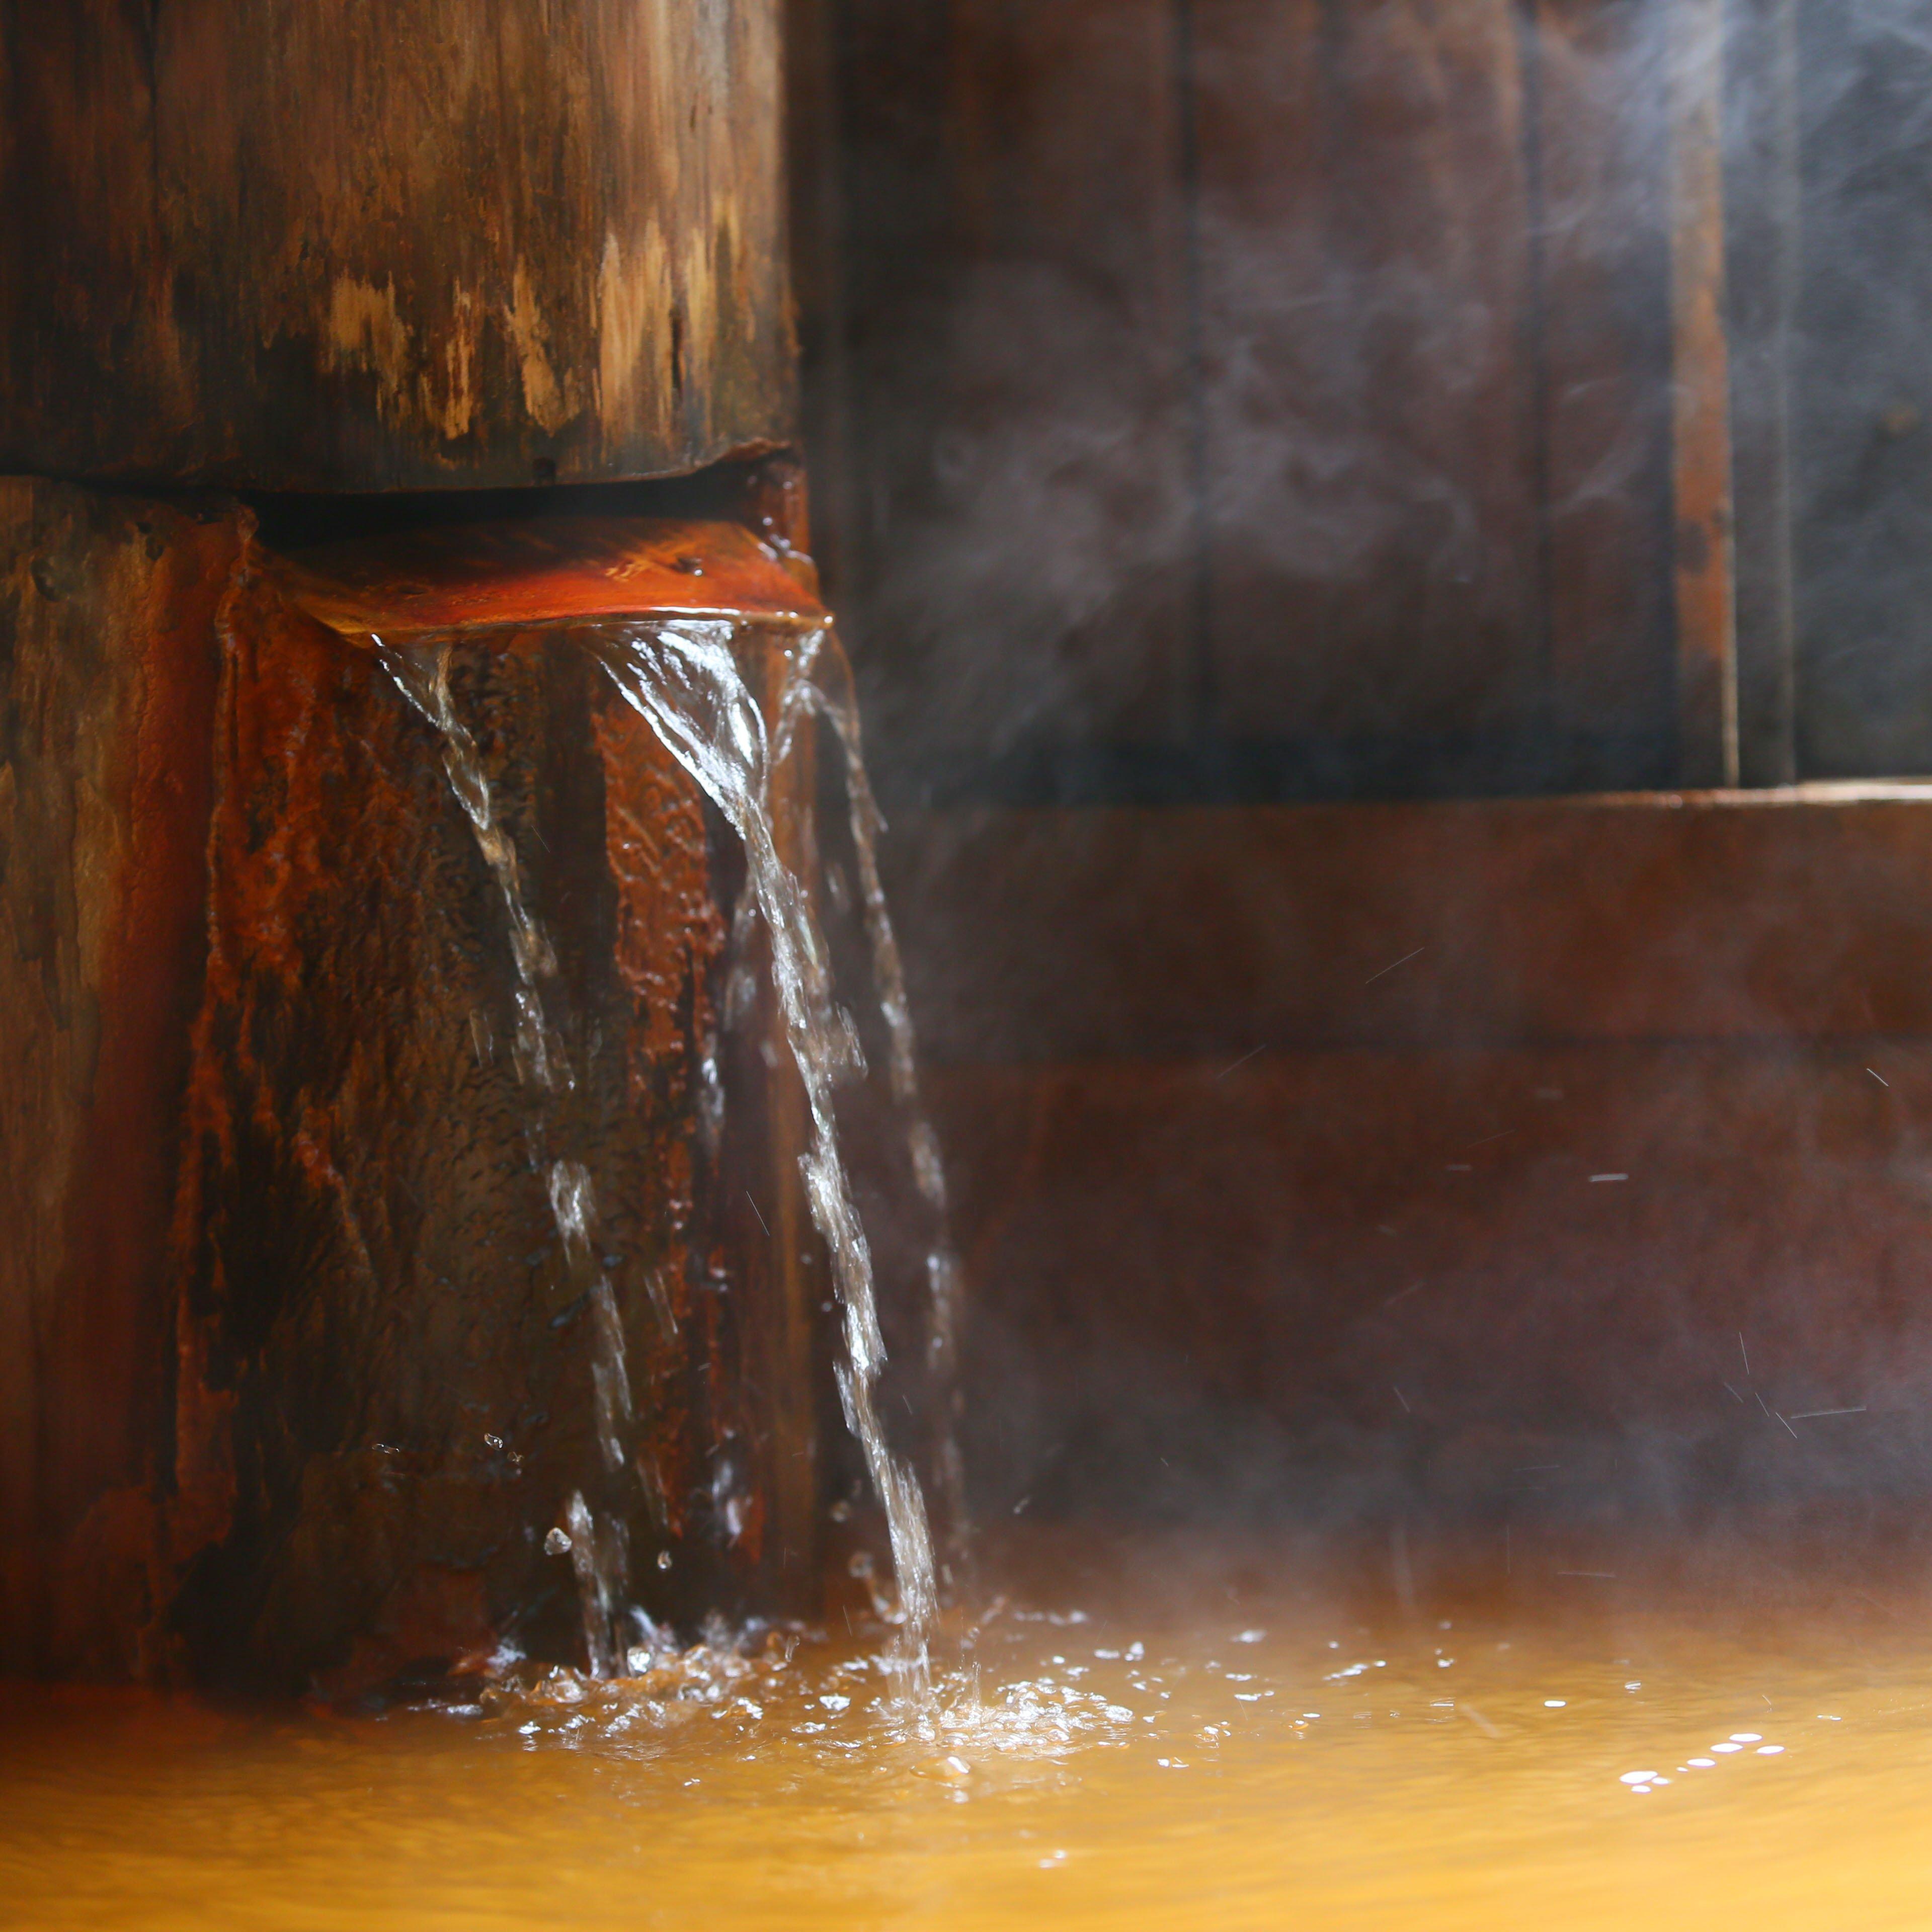 日帰り温泉入浴[年間パス5回利用チケット]明治温泉のイメージその5